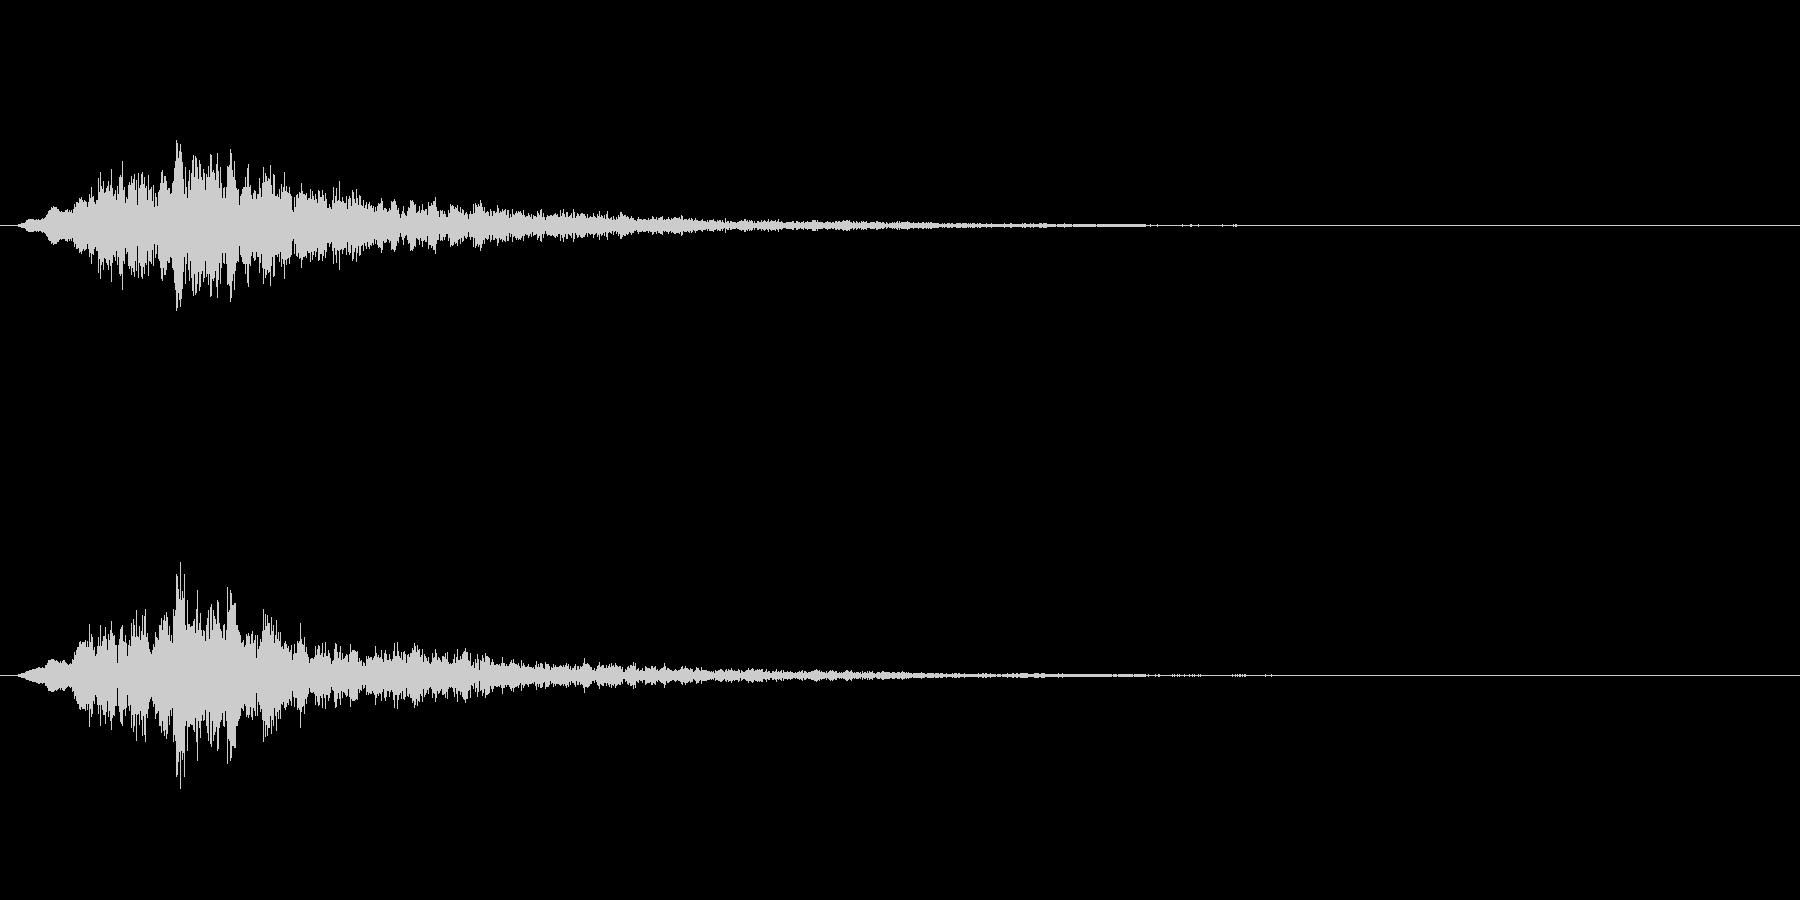 宇宙的な感じや機械的な音ですの未再生の波形